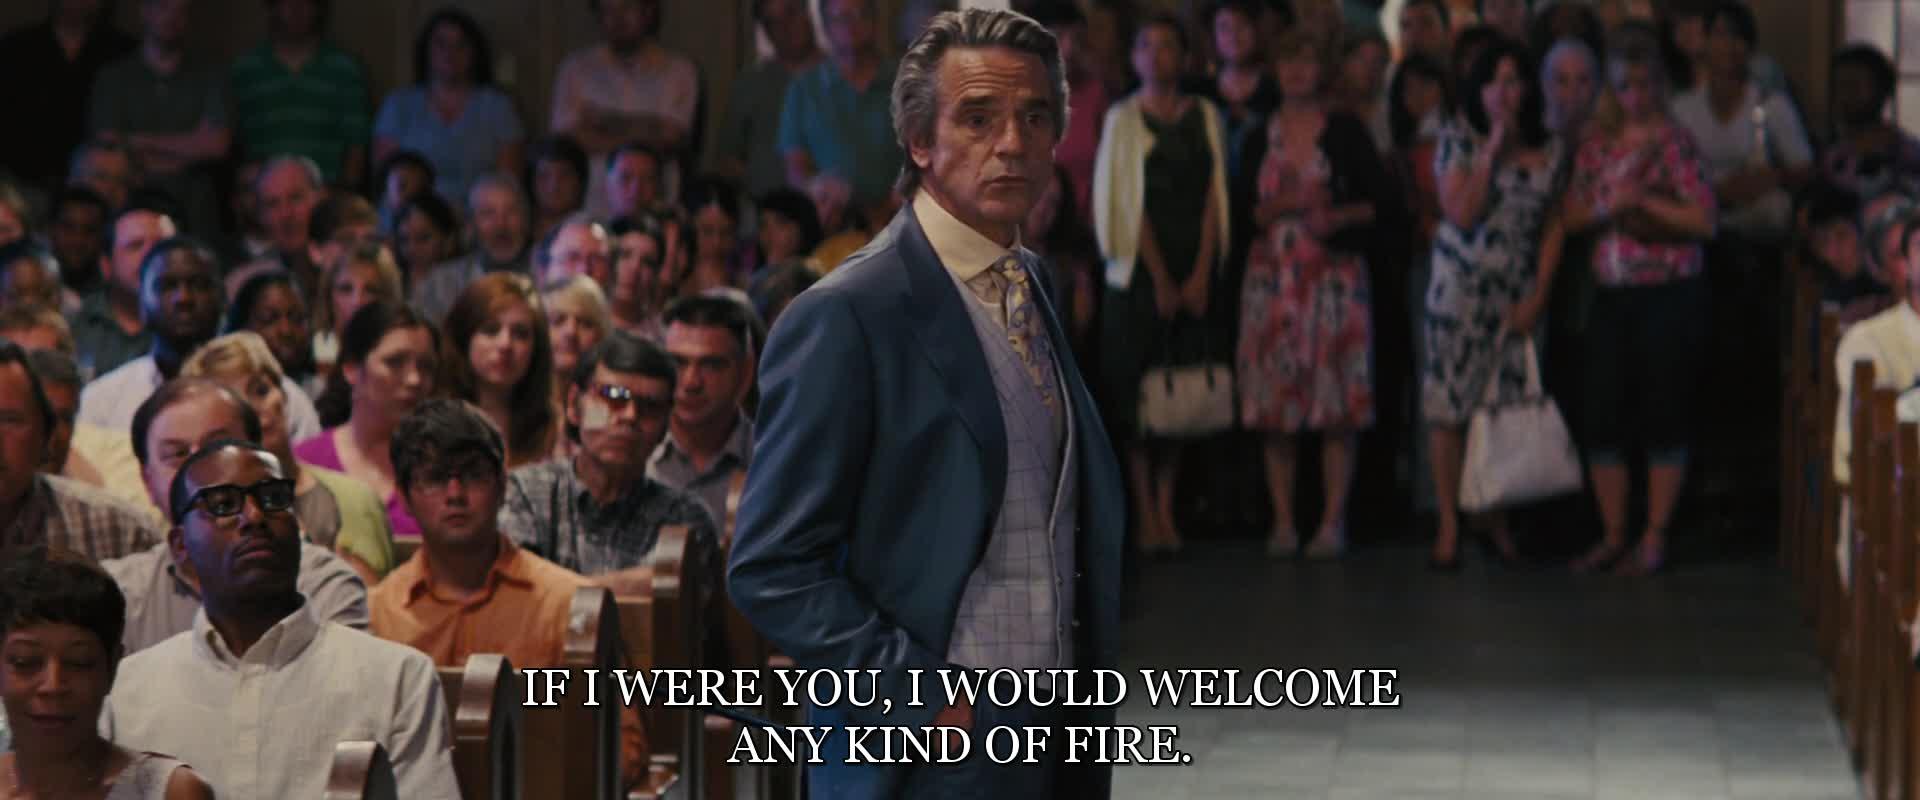 Kdybych byl tebou, přivítal bych jakýkoliv oheň.